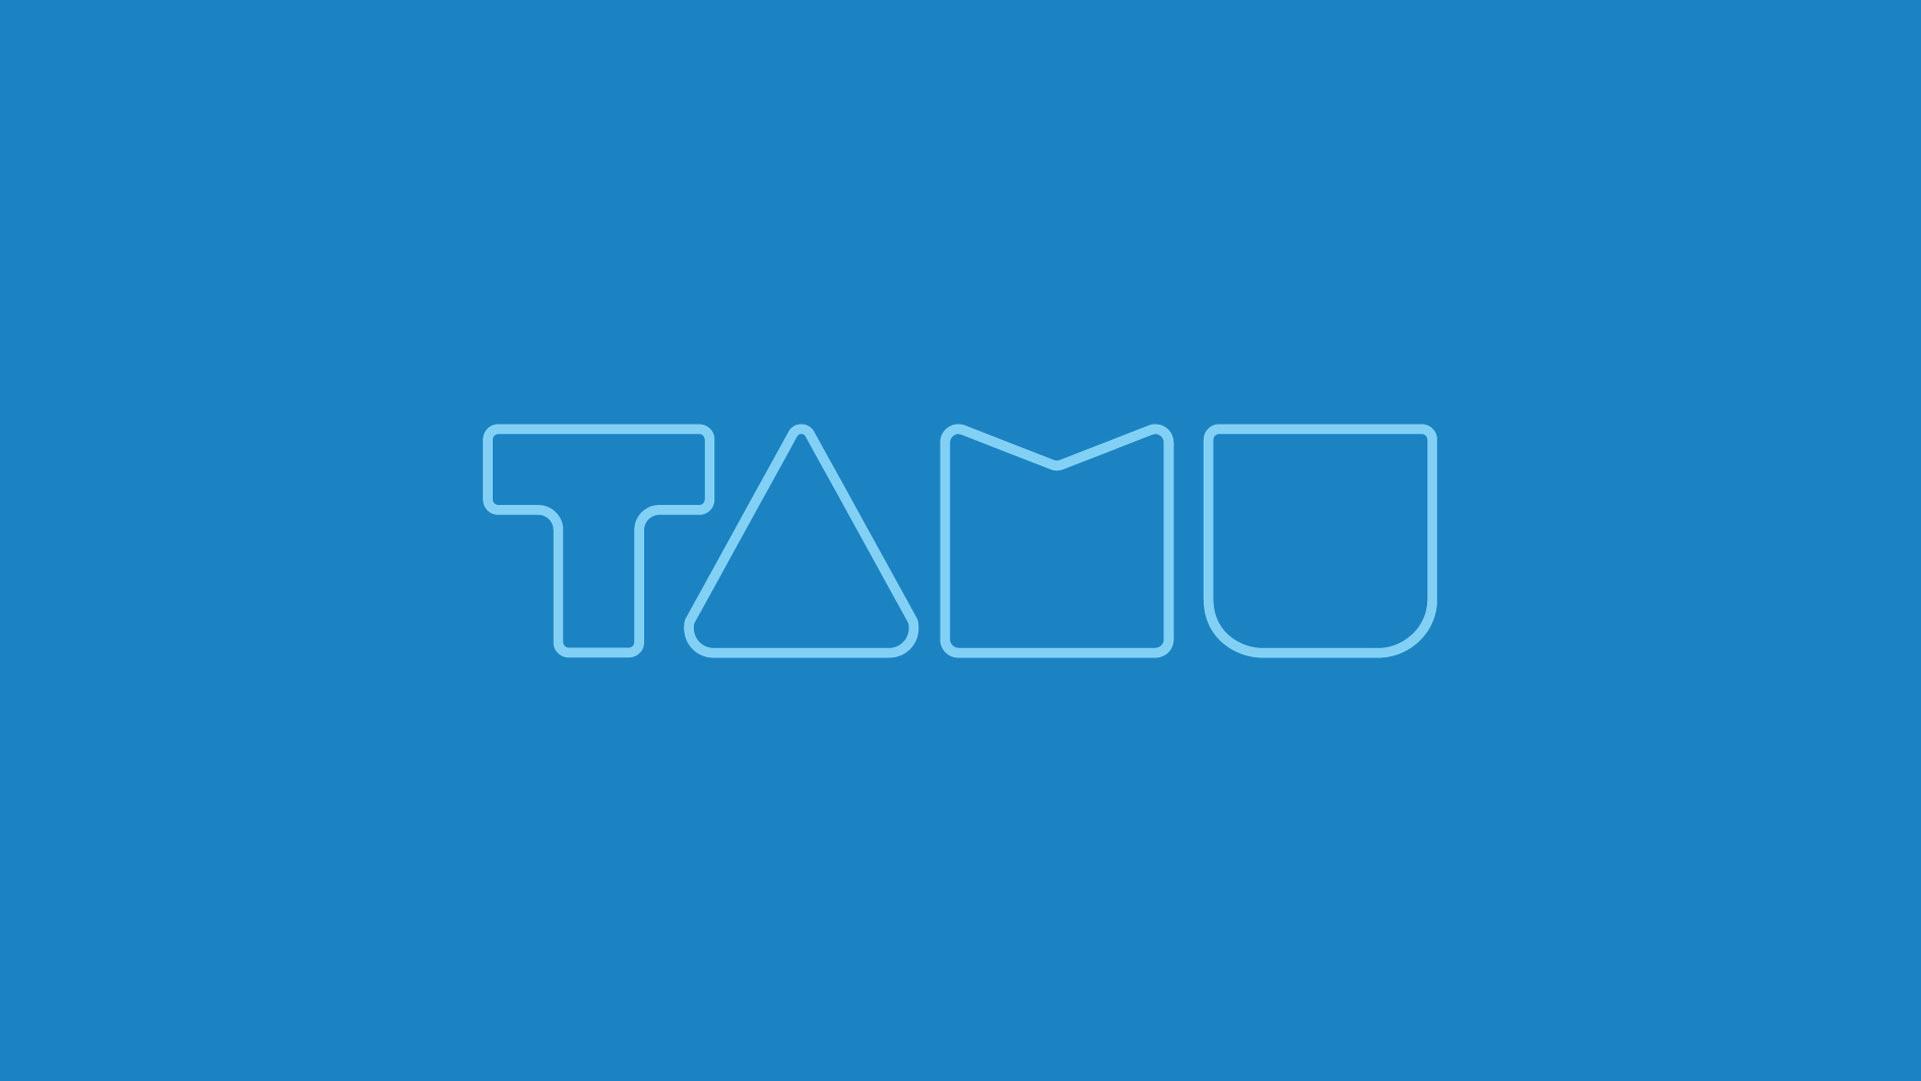 tamu07